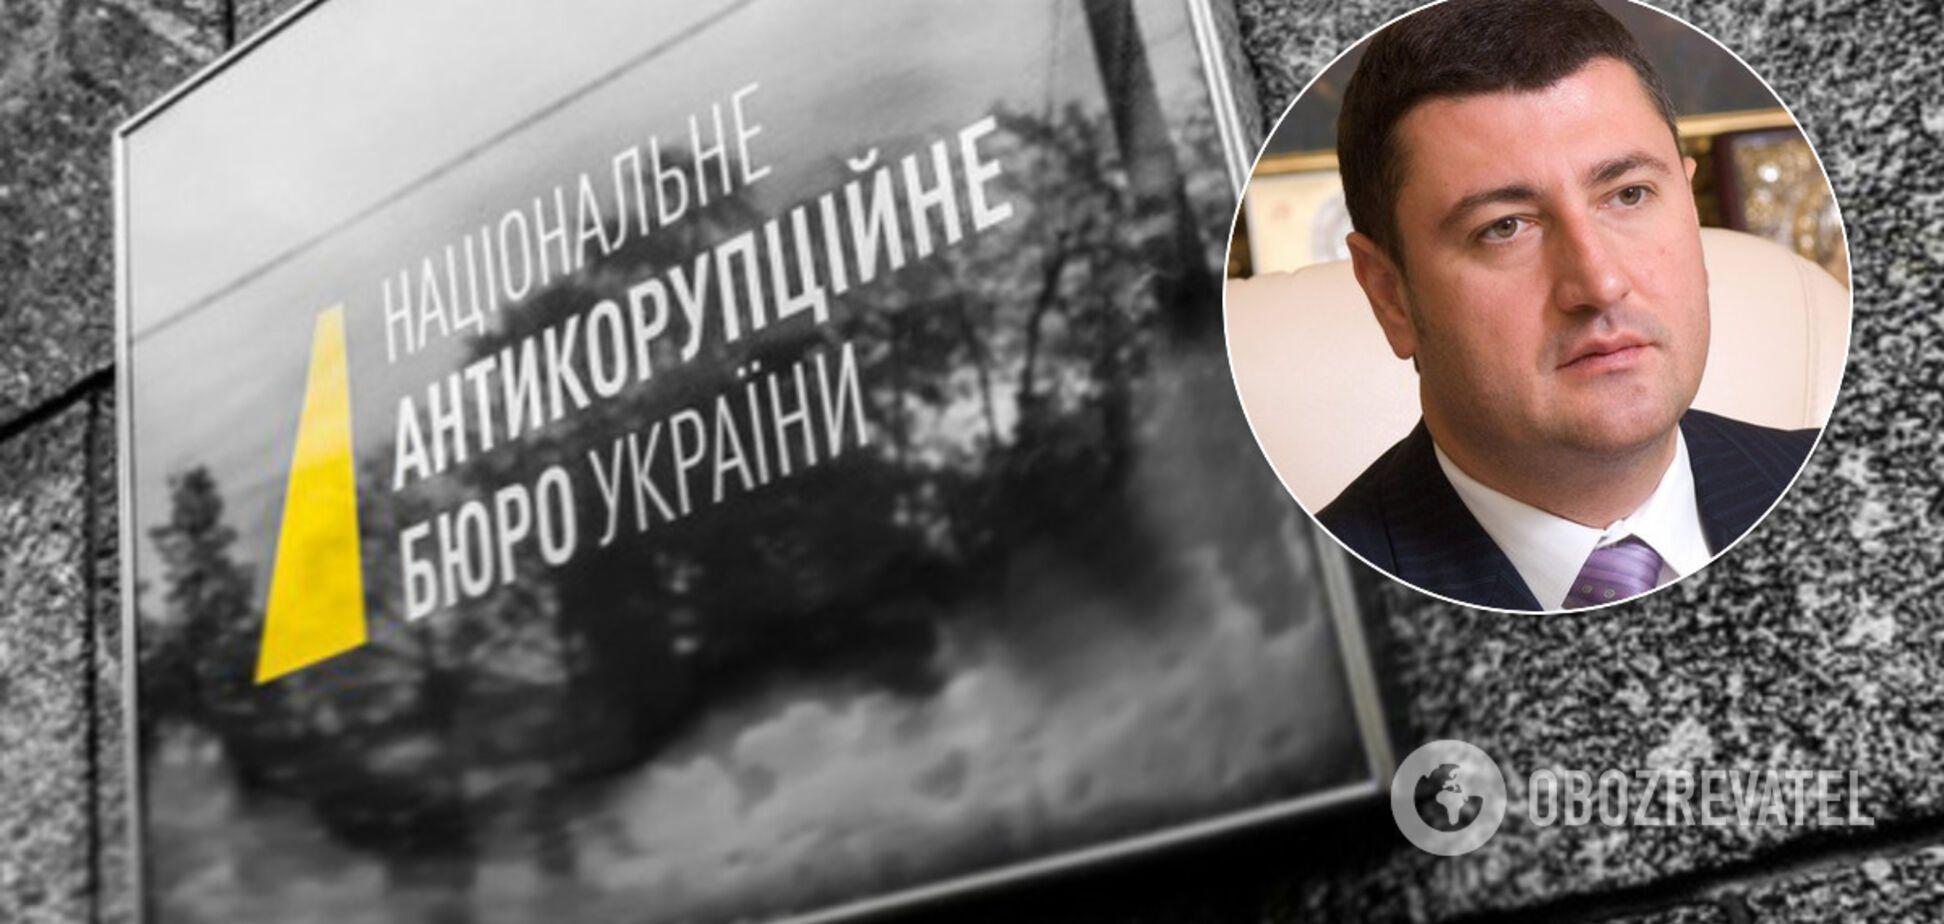 Действия НАБУ по обжалованию решения о закрытии дела Бахматюка являются нонсенсом, – юрист